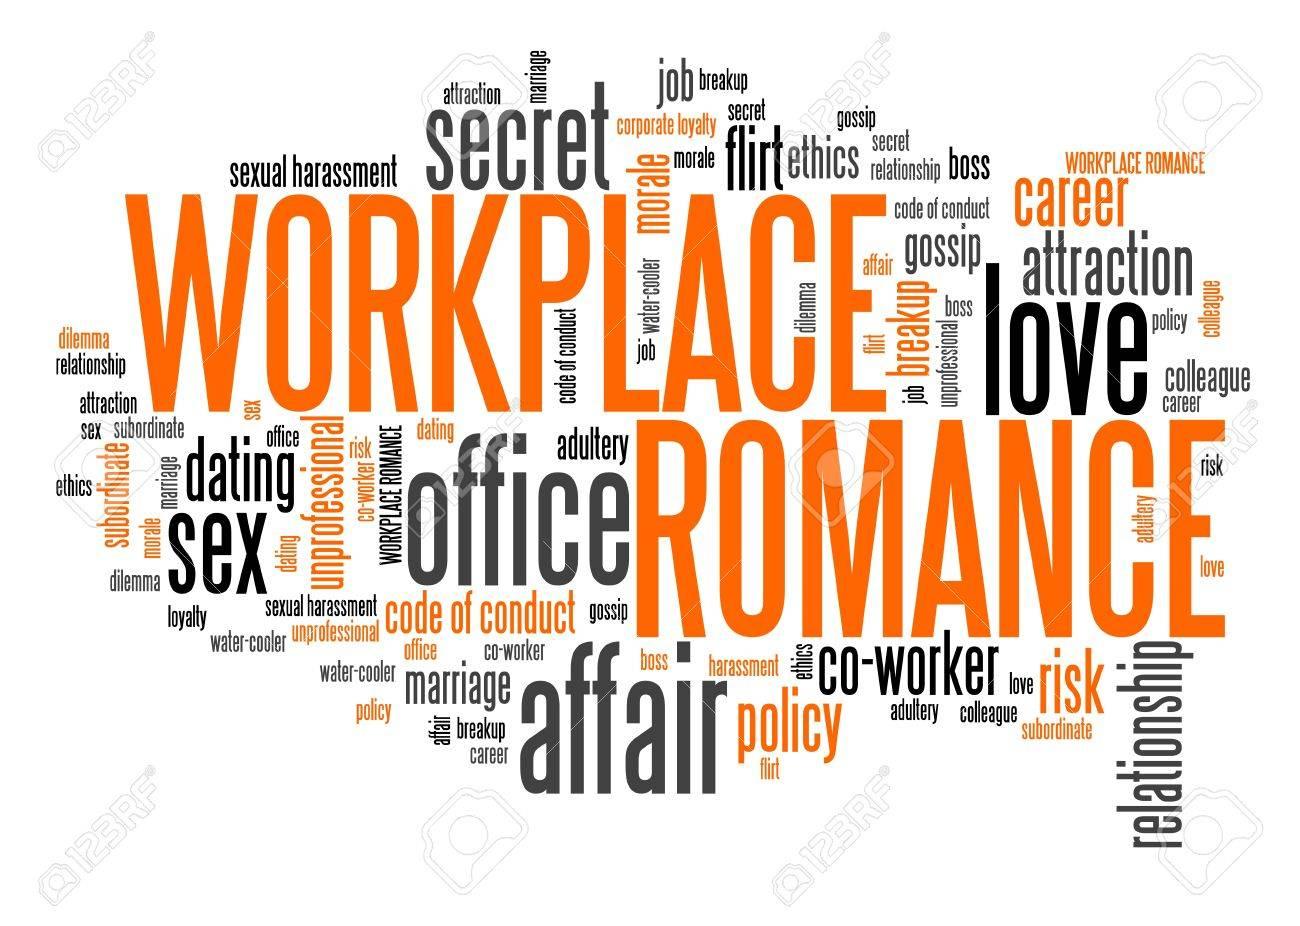 politica contro la datazione sul posto di lavoro